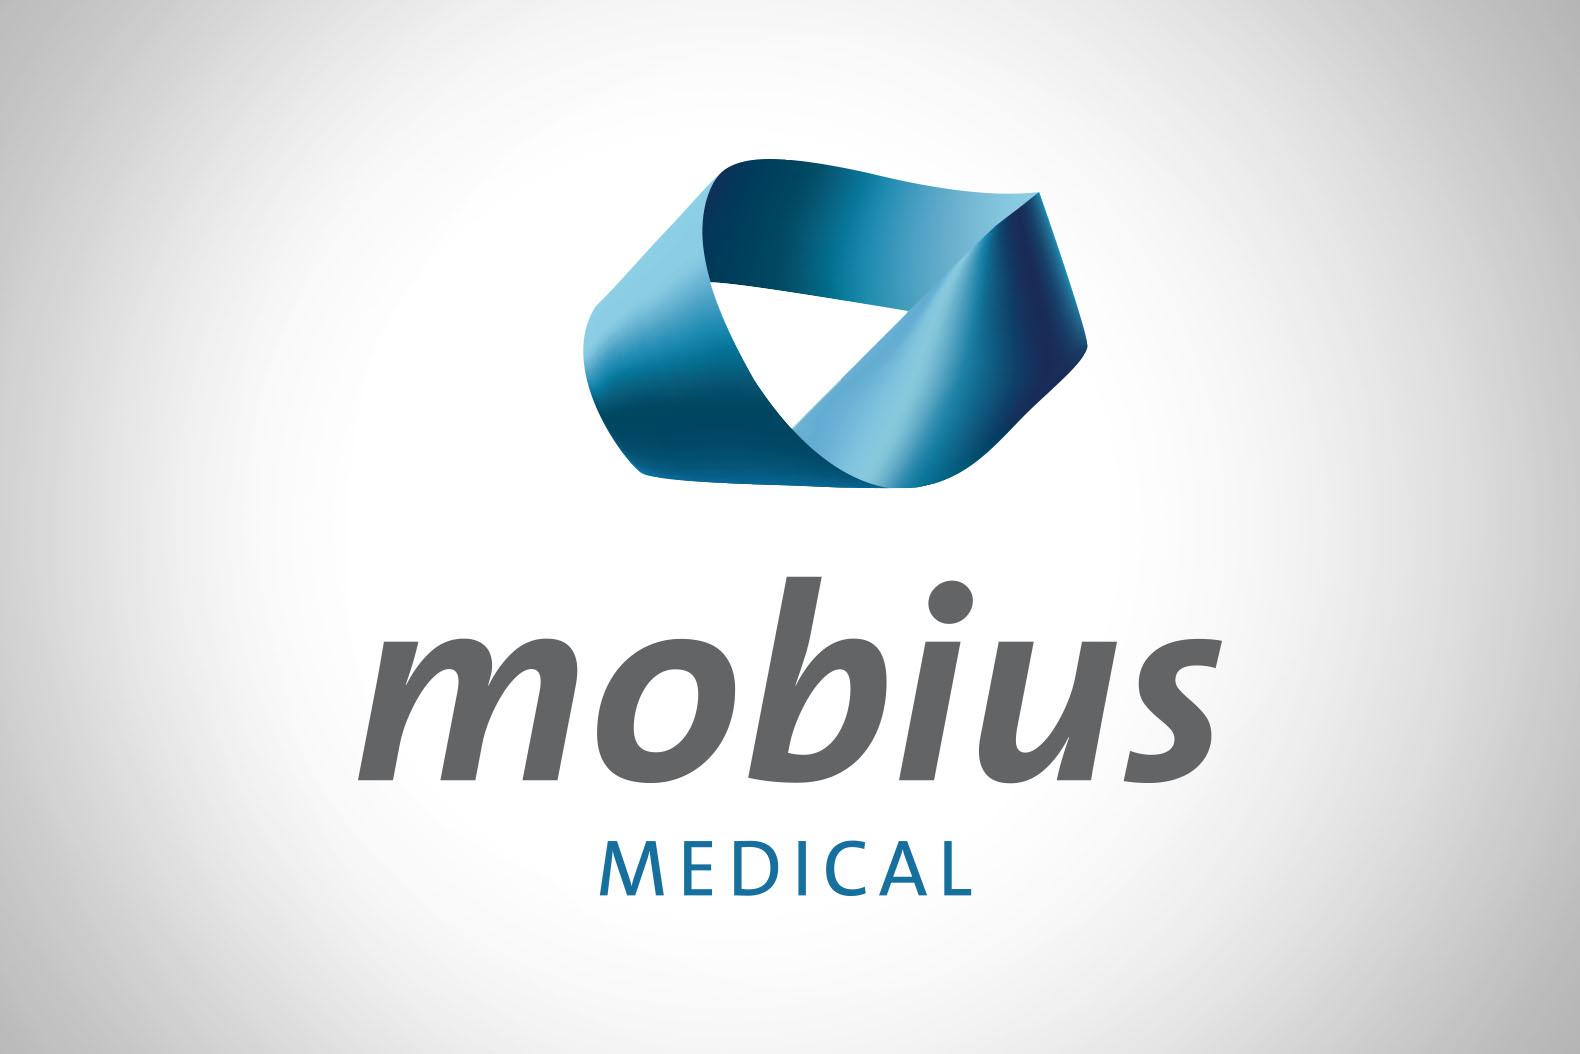 Mobius Medical